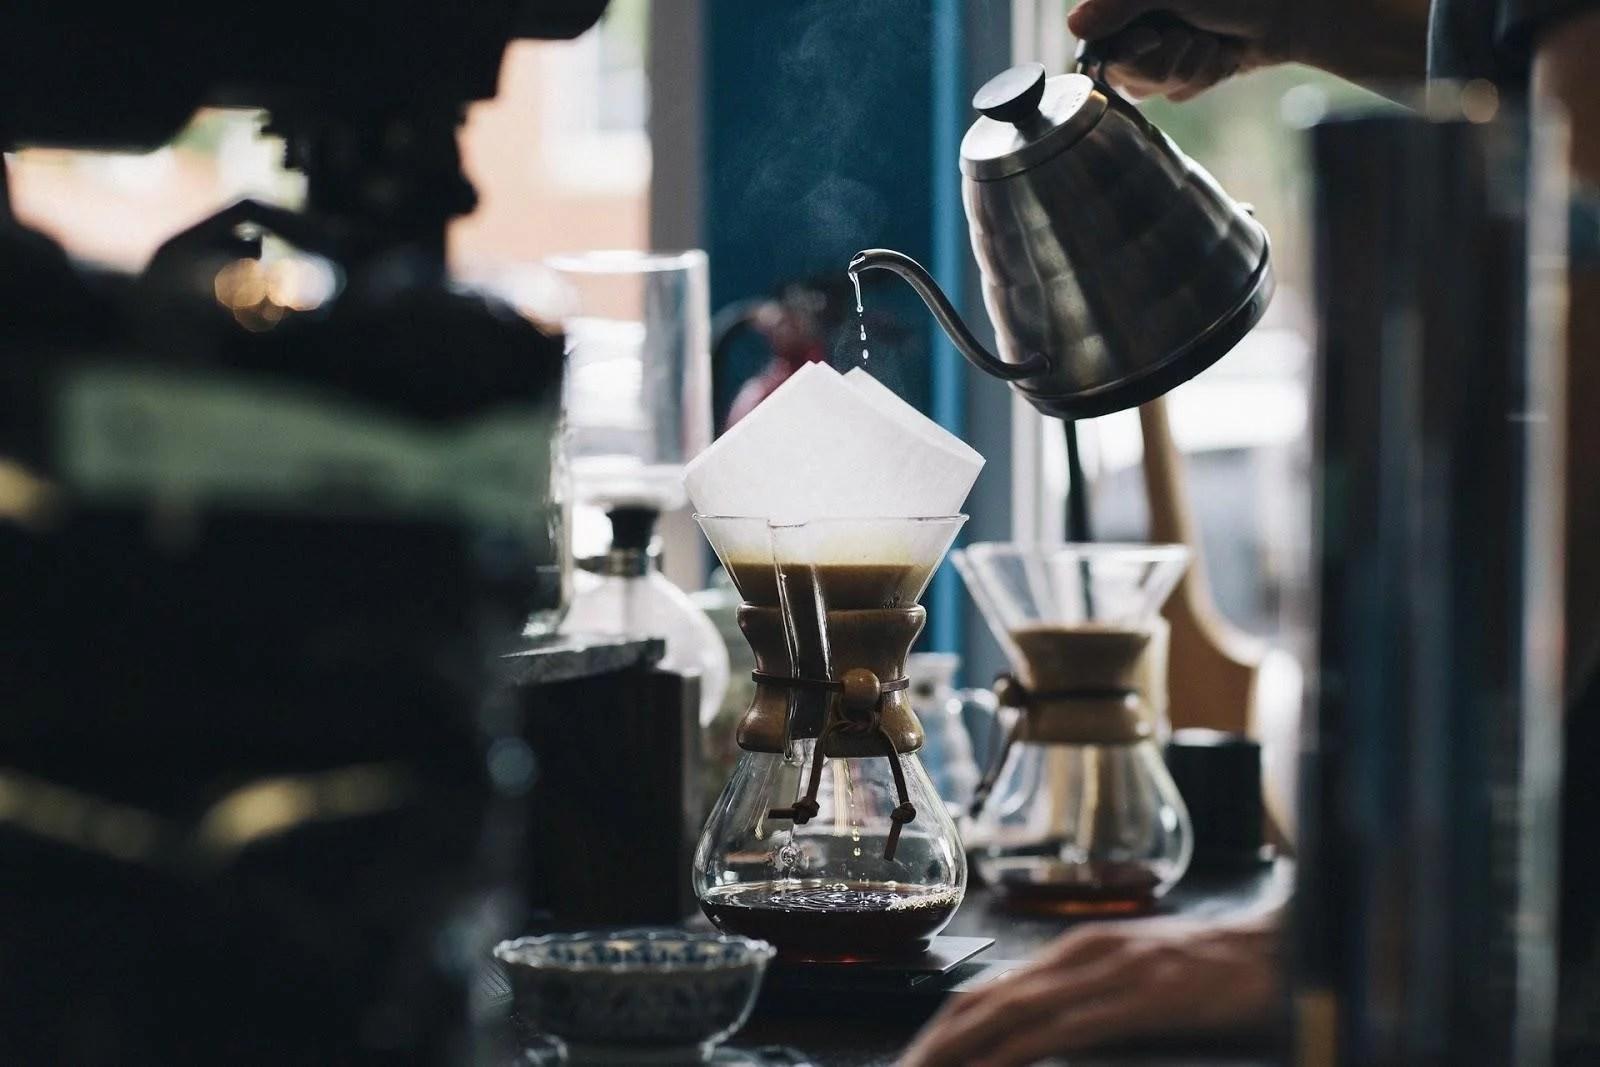 Les 6 meilleurs cafés à Strasbourg